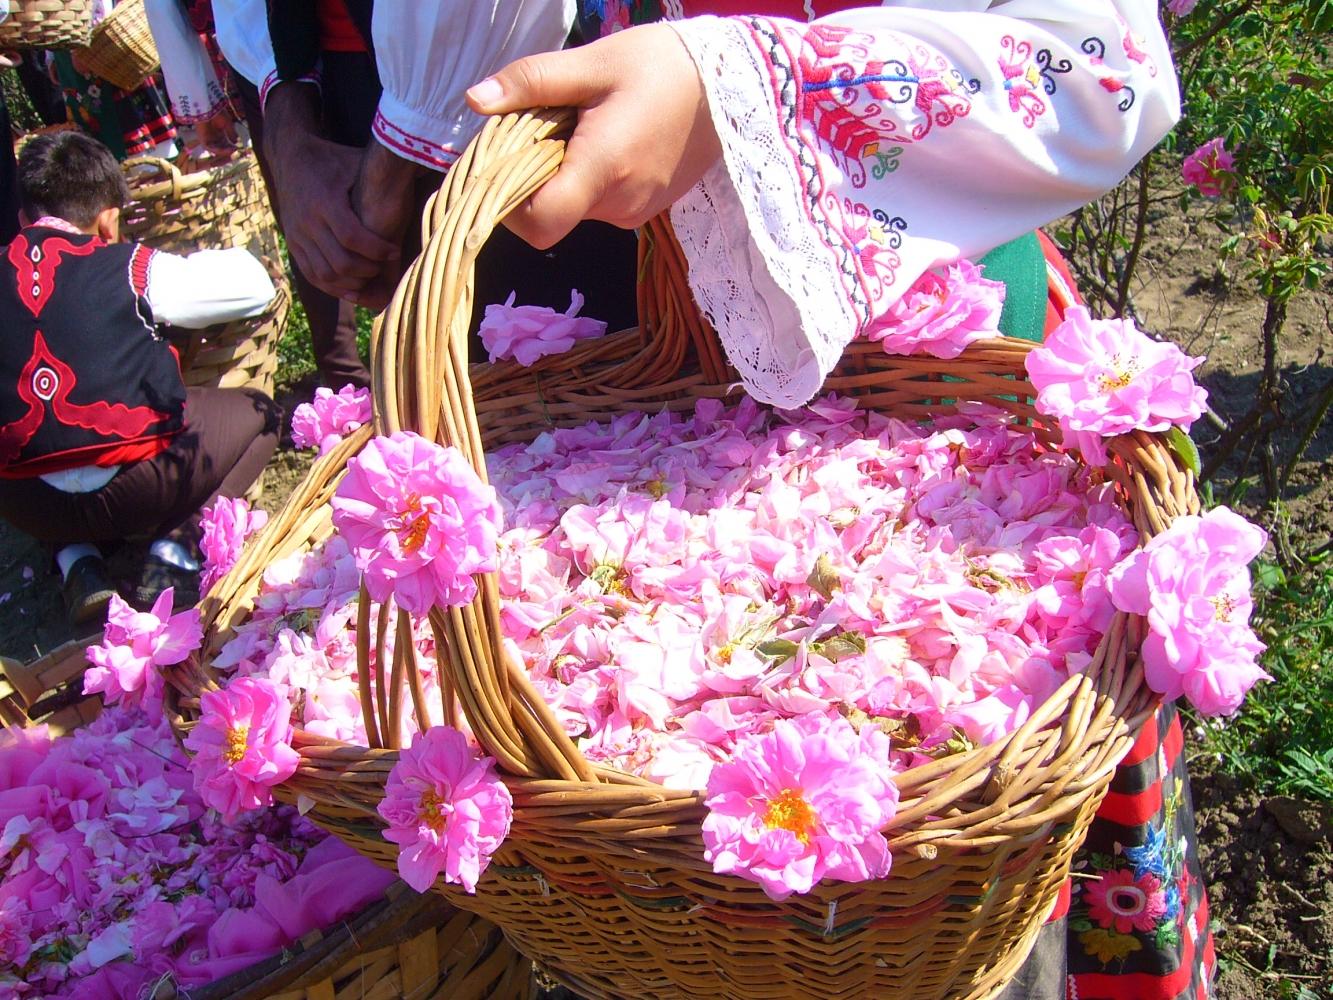 Rose Festival in Kazanlak, Bulgaria 2017